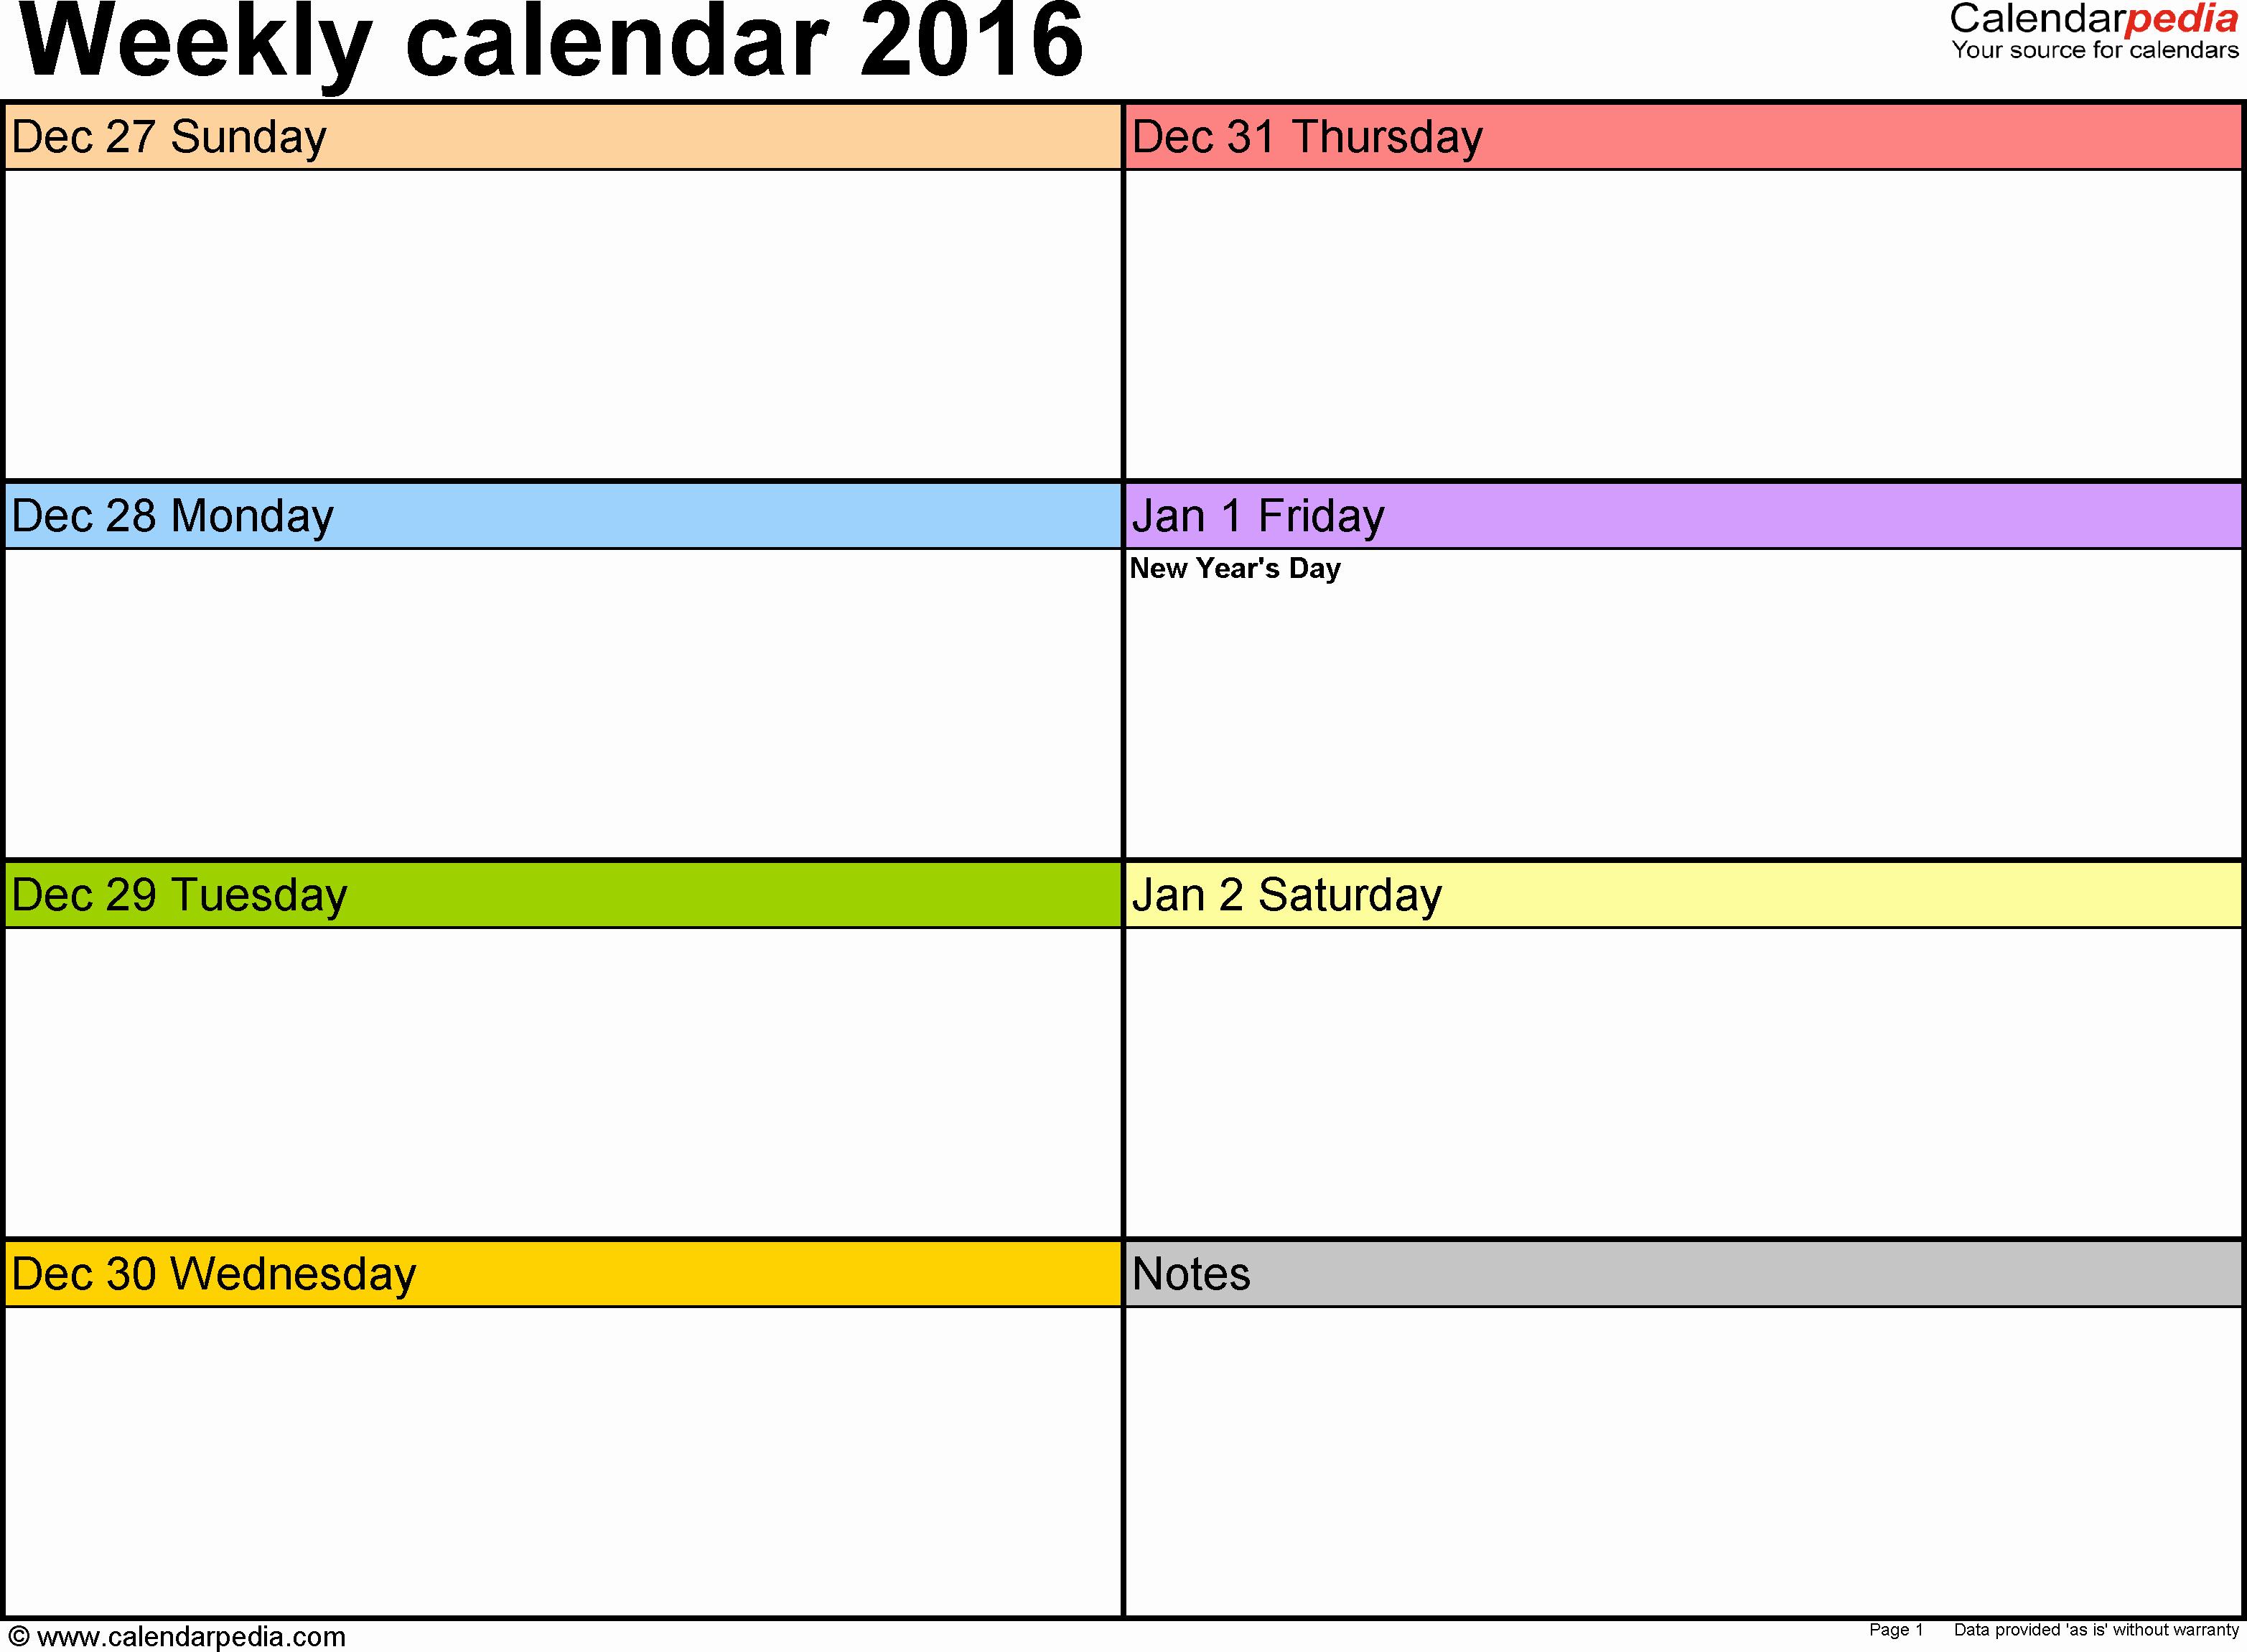 Weekly Calendar Line